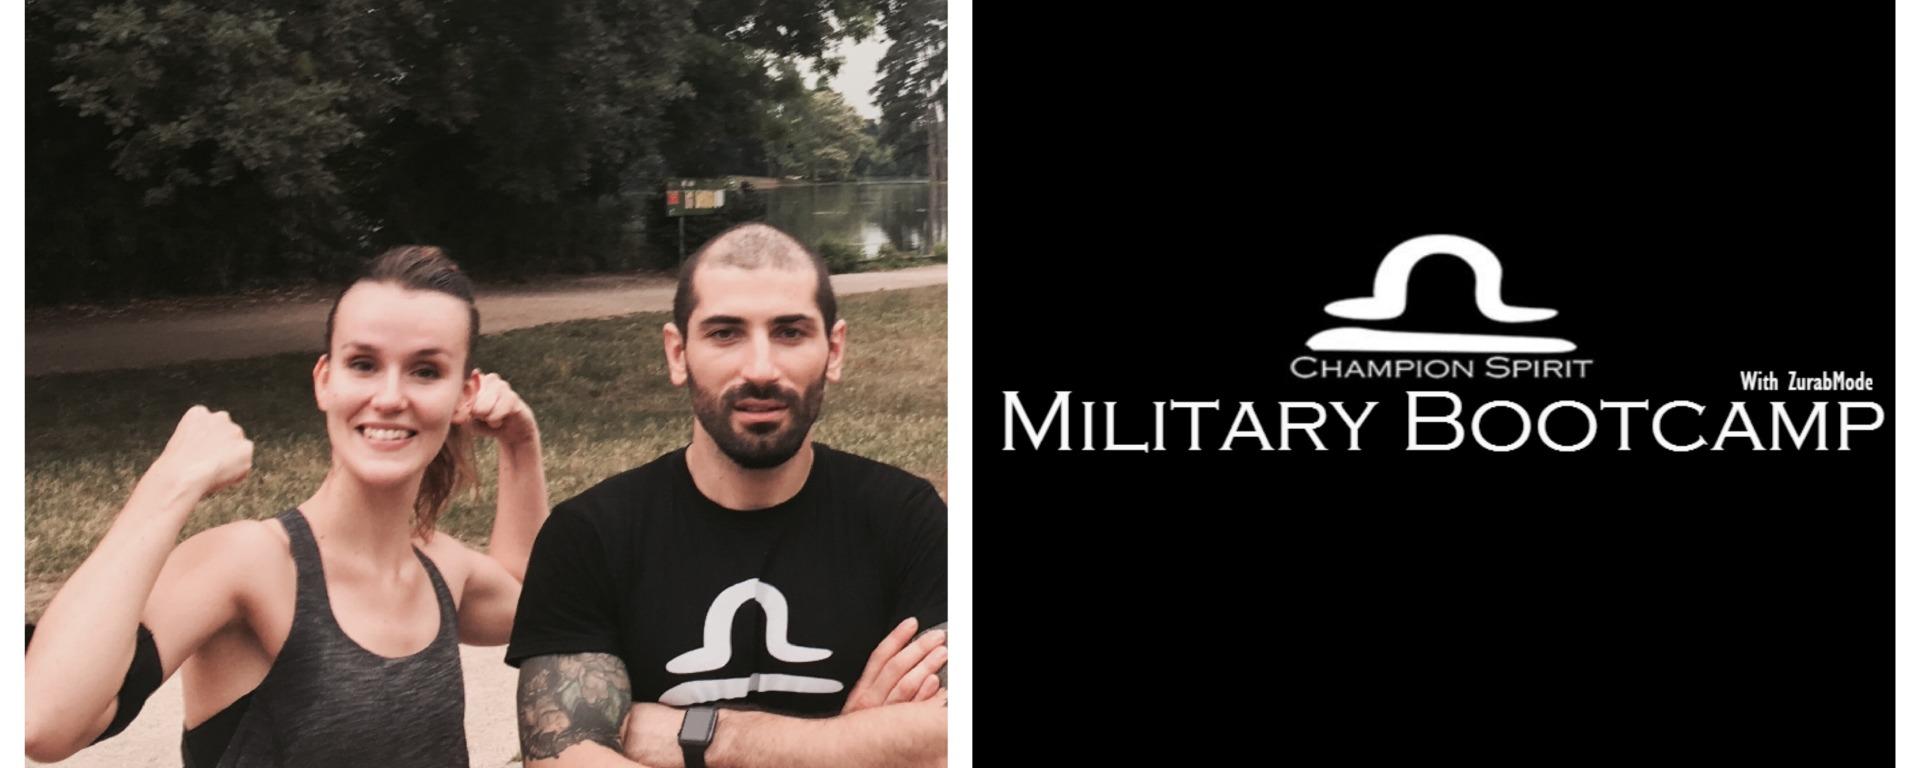 military-bootcamp-mariedeparis-blog-test-cours-gratuit-sport-entrainement